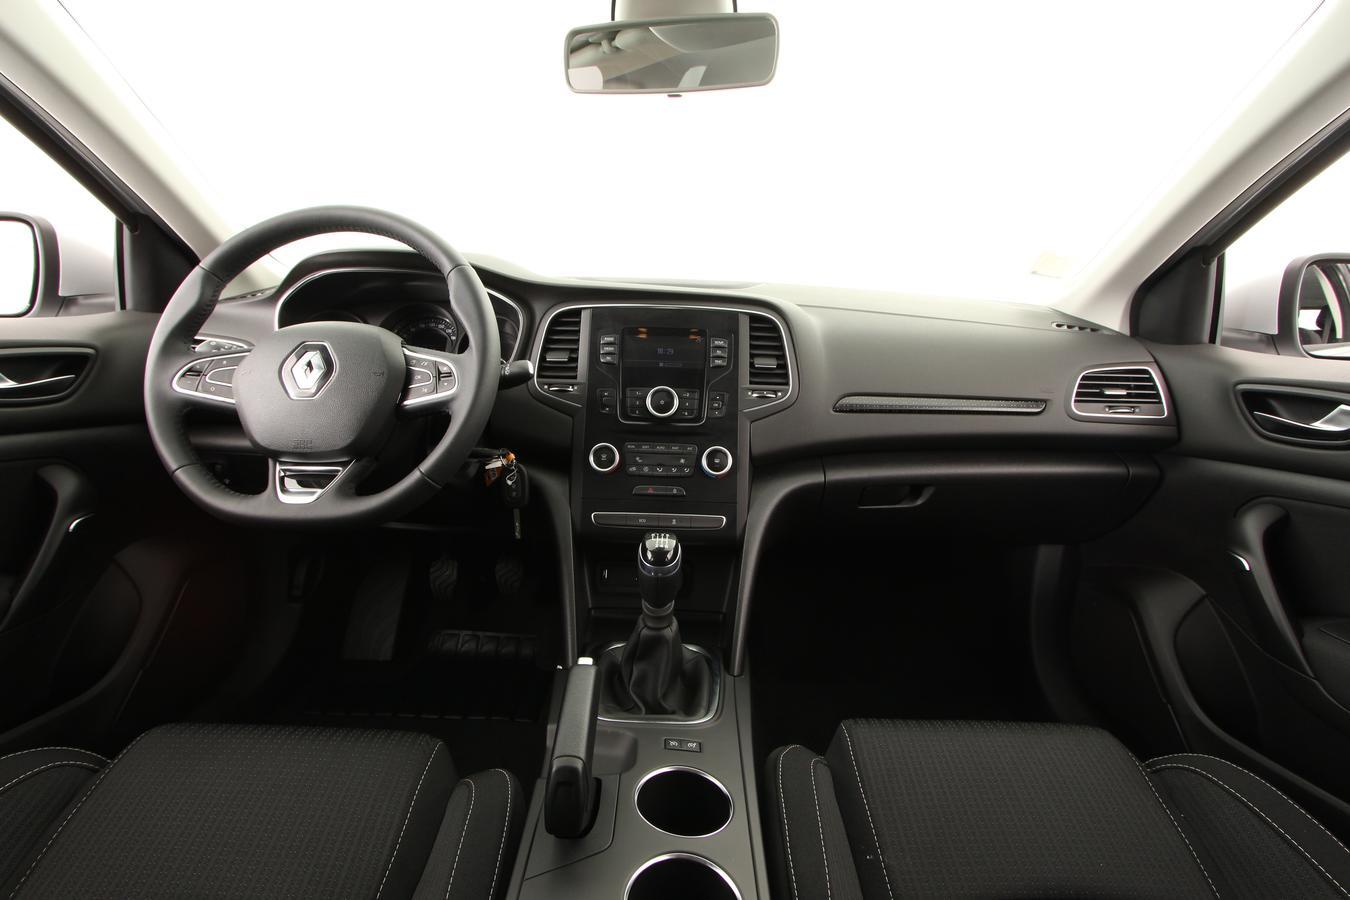 renault m gane 4 berline compacte 5 portes diesel dci 90 bo te manuelle finition. Black Bedroom Furniture Sets. Home Design Ideas